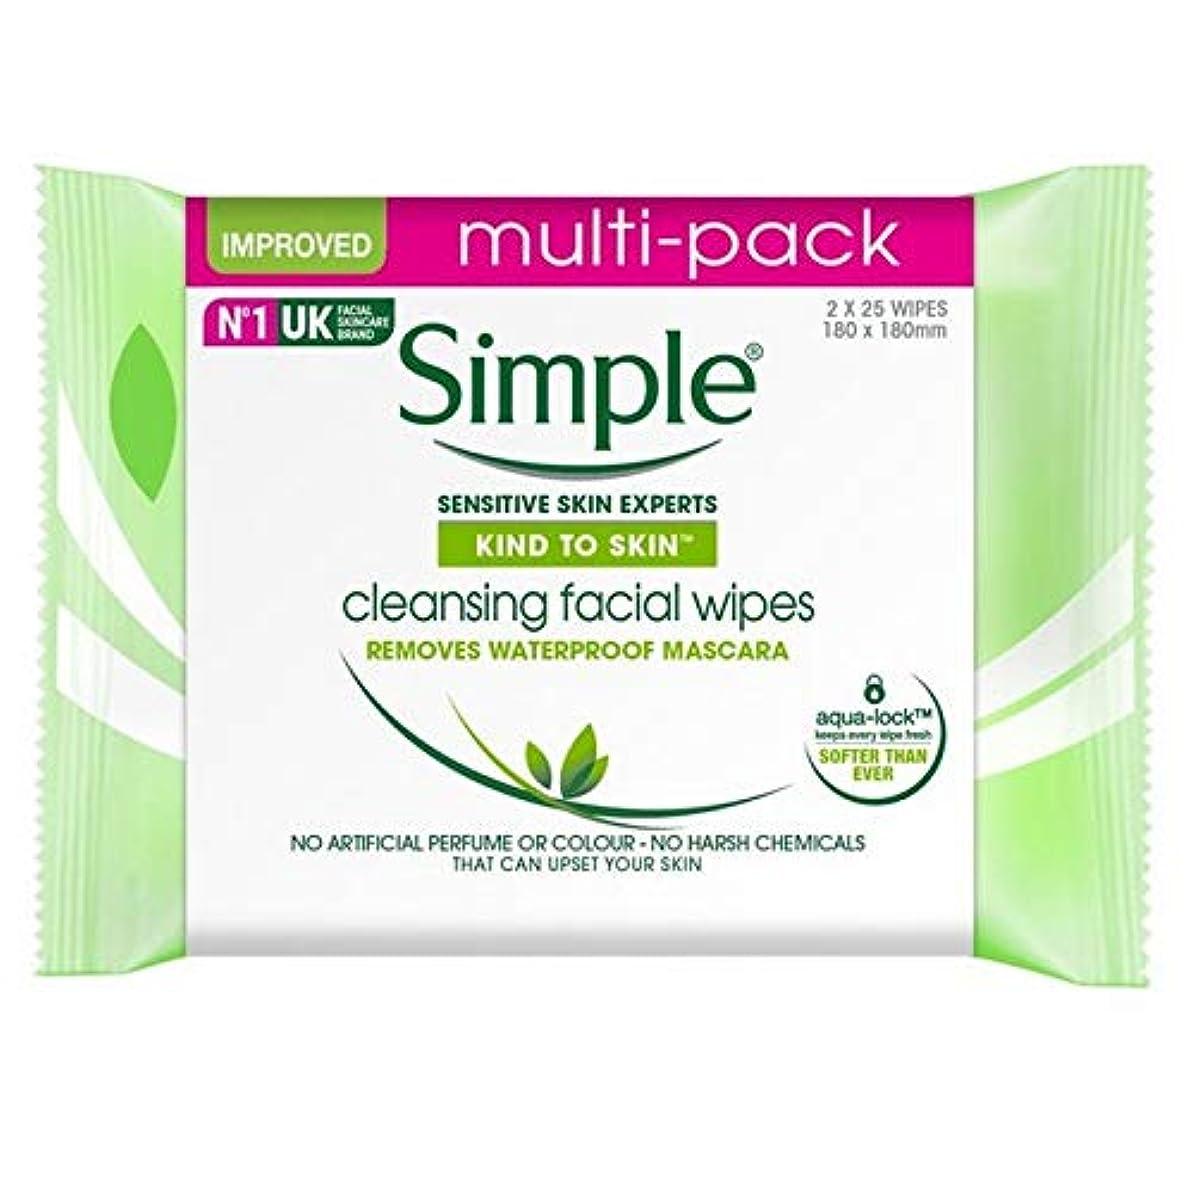 ジャケットサイドボード麻酔薬[Simple ] 肌のクレンジングフェイシャルワイプ2×25パックあたりに簡単な種類 - Simple Kind To Skin Cleansing Facial Wipes 2 x 25 per pack [並行輸入品]